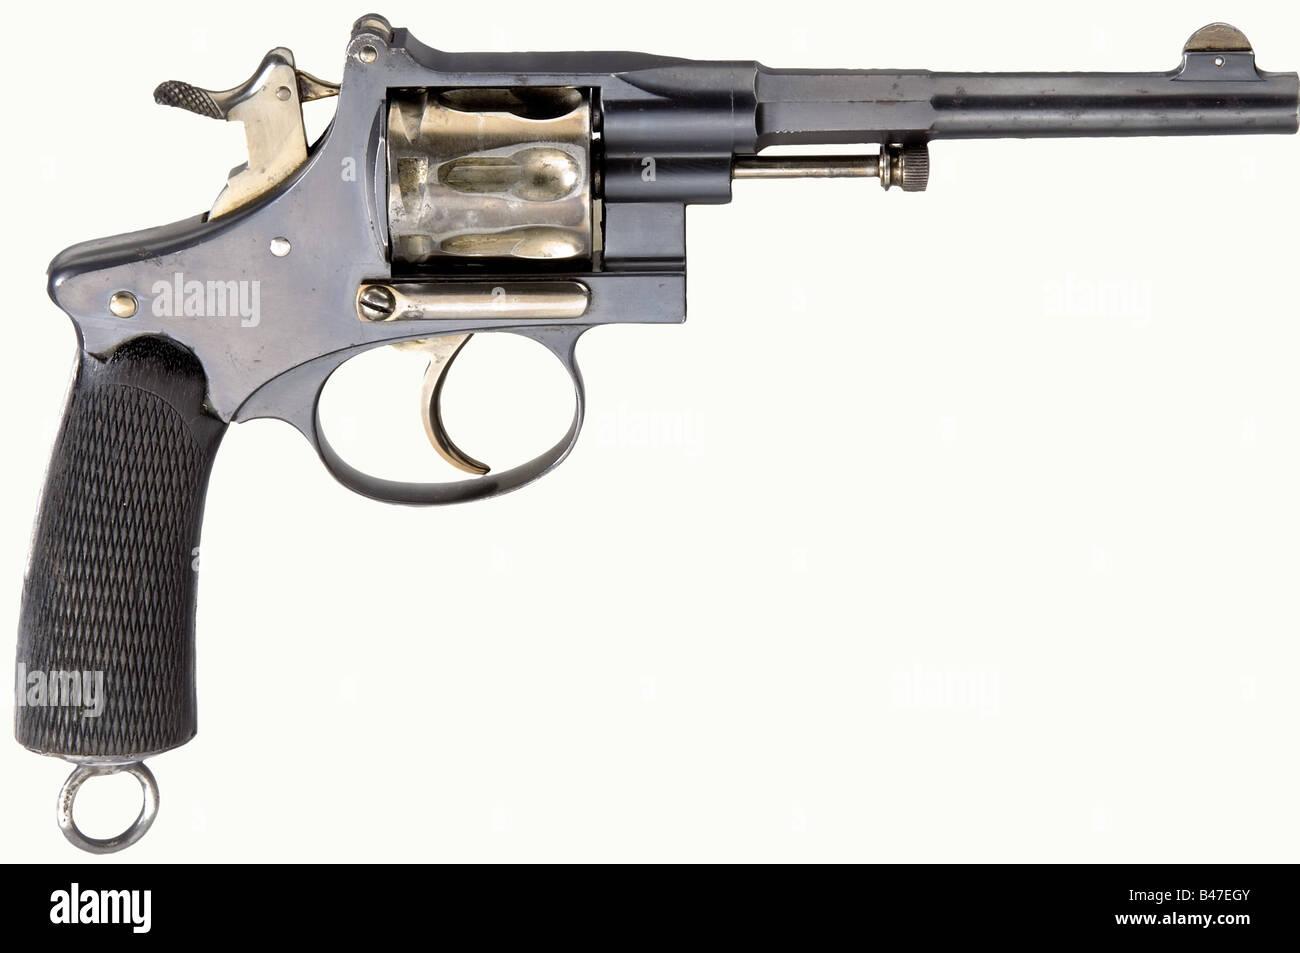 Two Revolver Imágenes De Stock & Two Revolver Fotos De Stock - Alamy